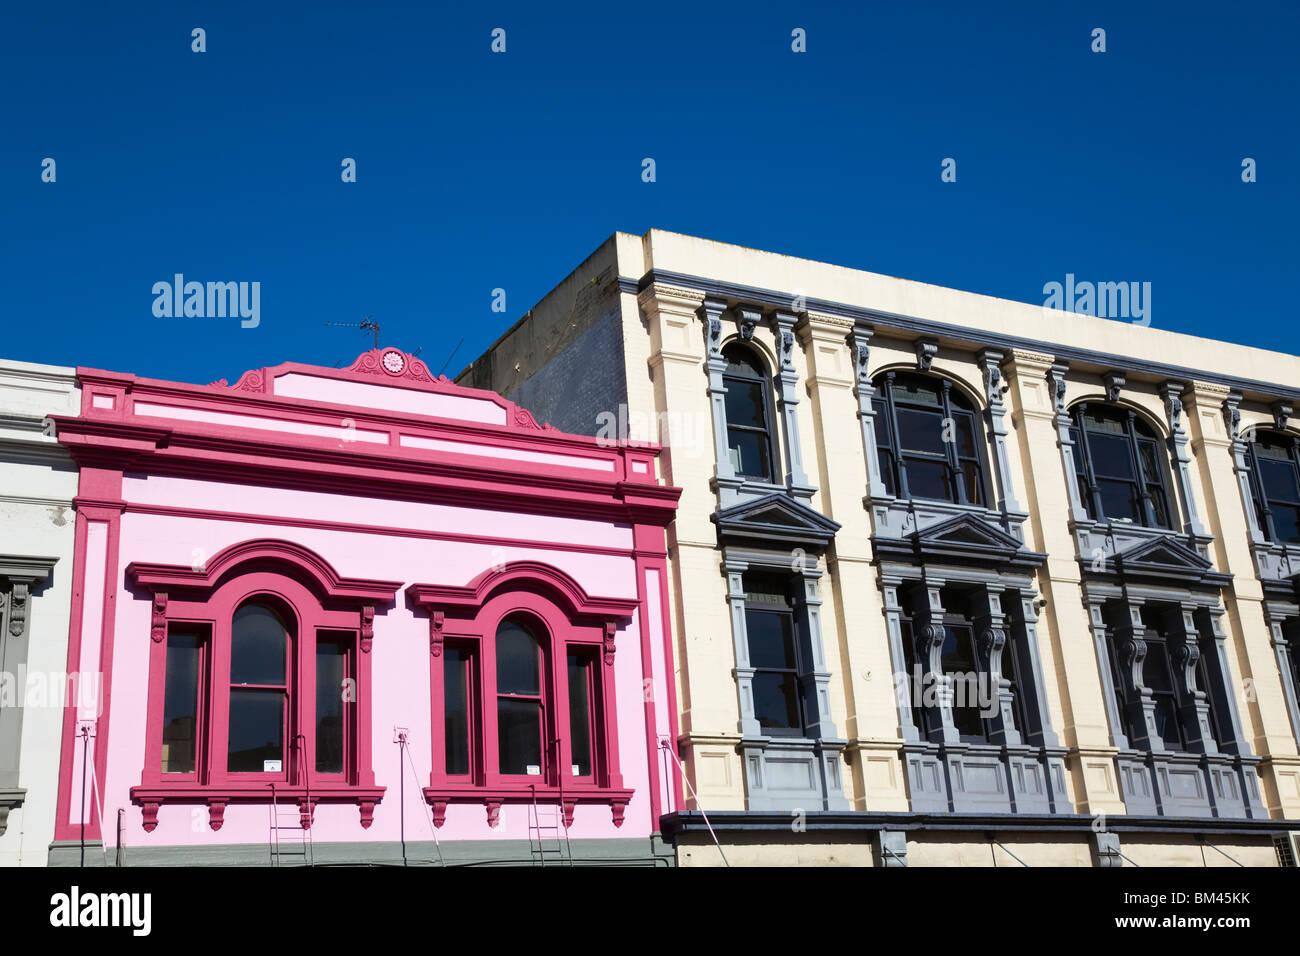 Architecture colorée sur Manchester Street. Christchurch, Canterbury, île du Sud, Nouvelle-Zélande Photo Stock